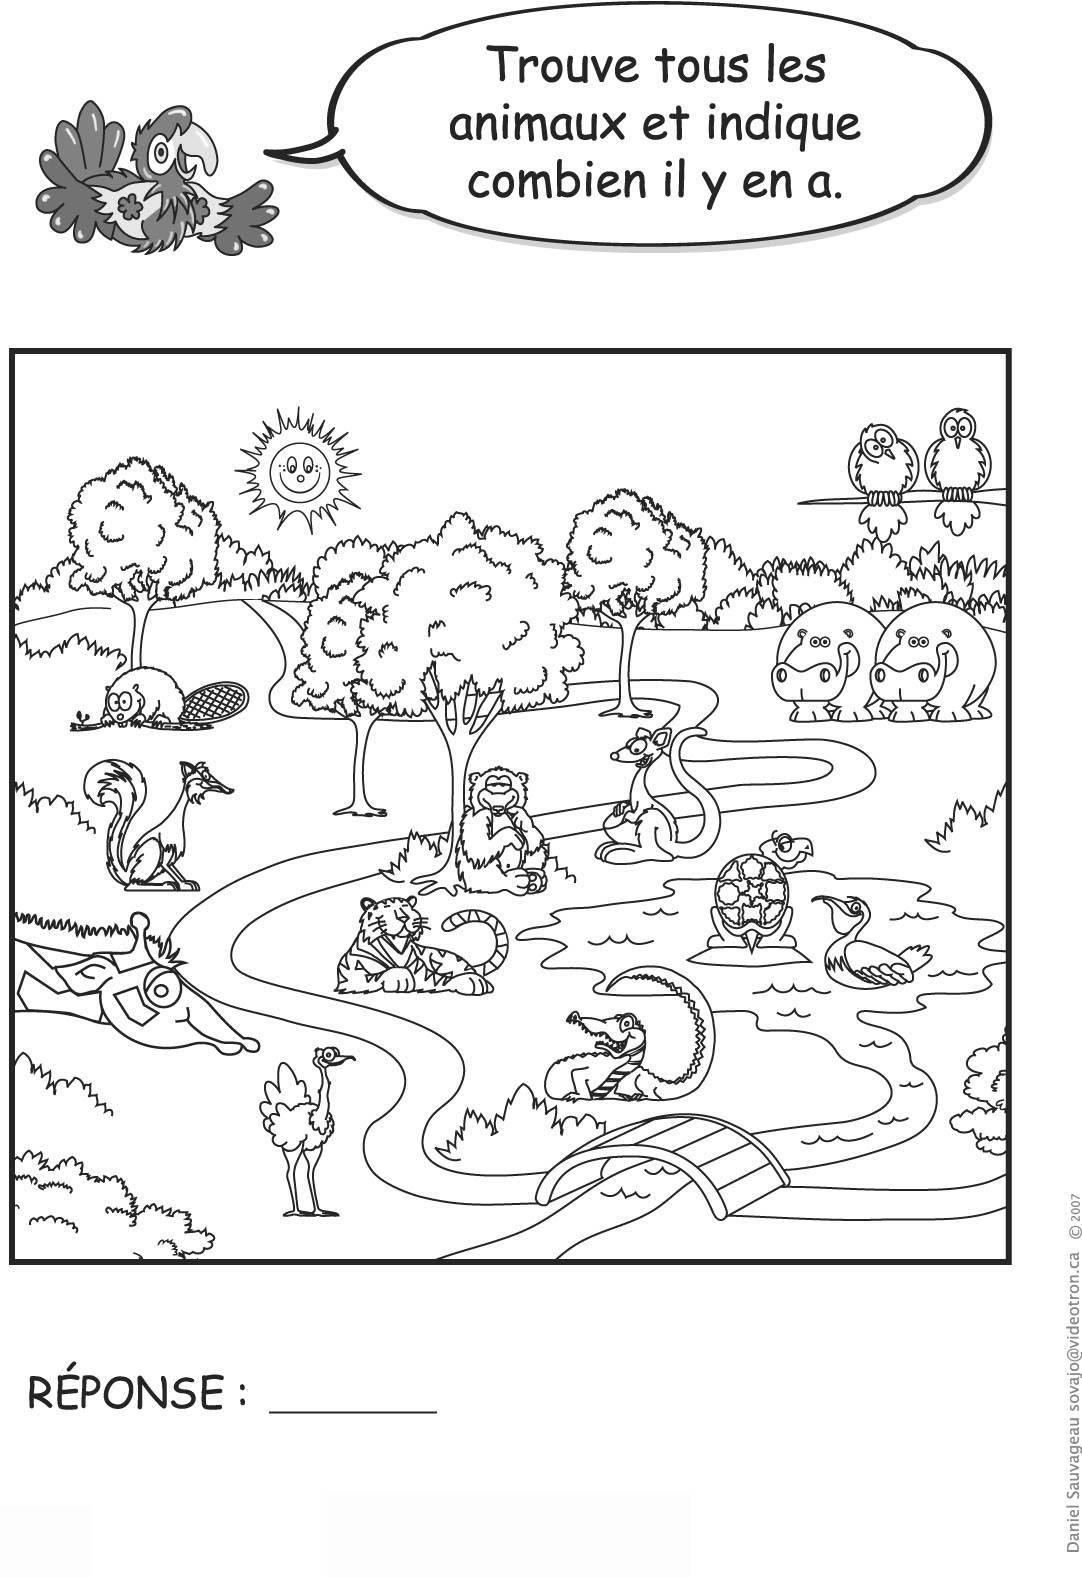 Jeux Pour Enfants No 1 intérieur Jeux Animaux Enfant